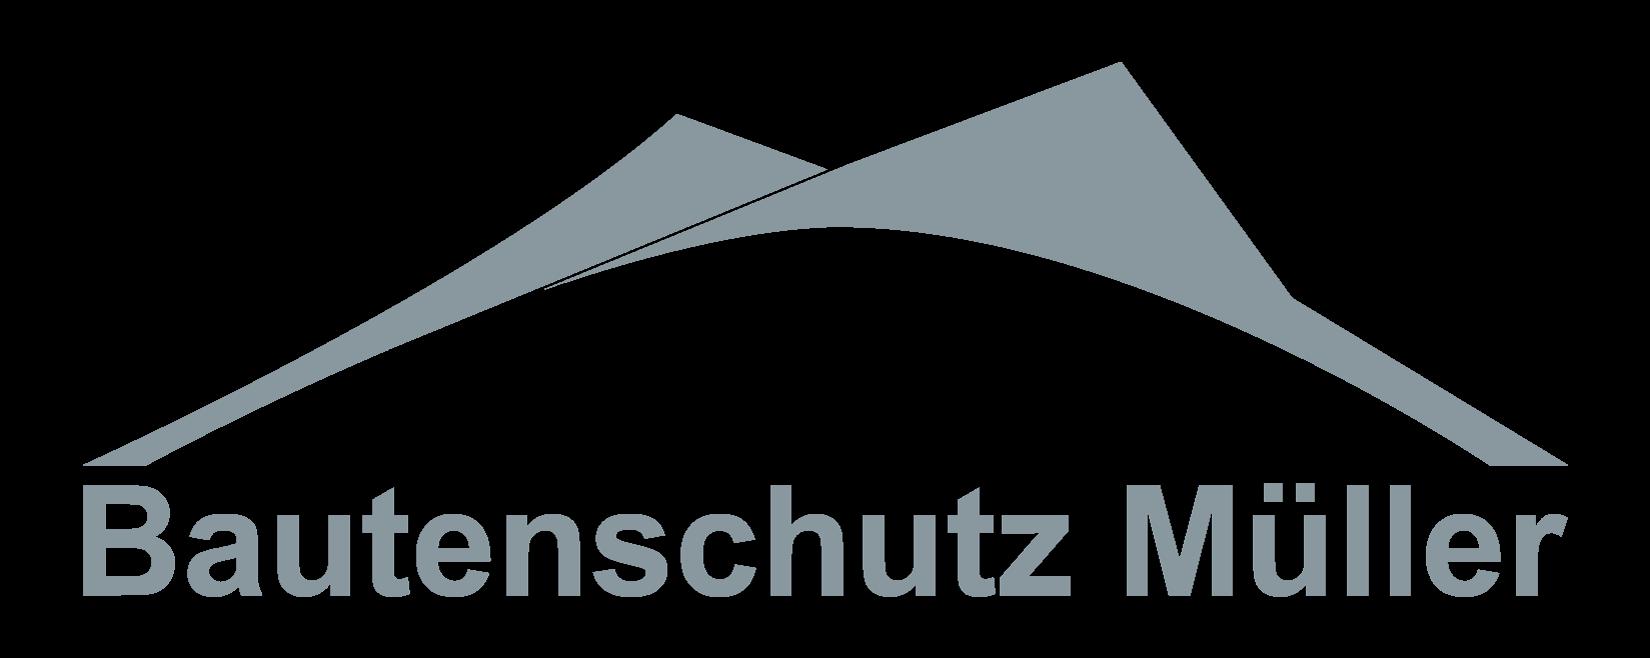 bautenschutz-mueller.de